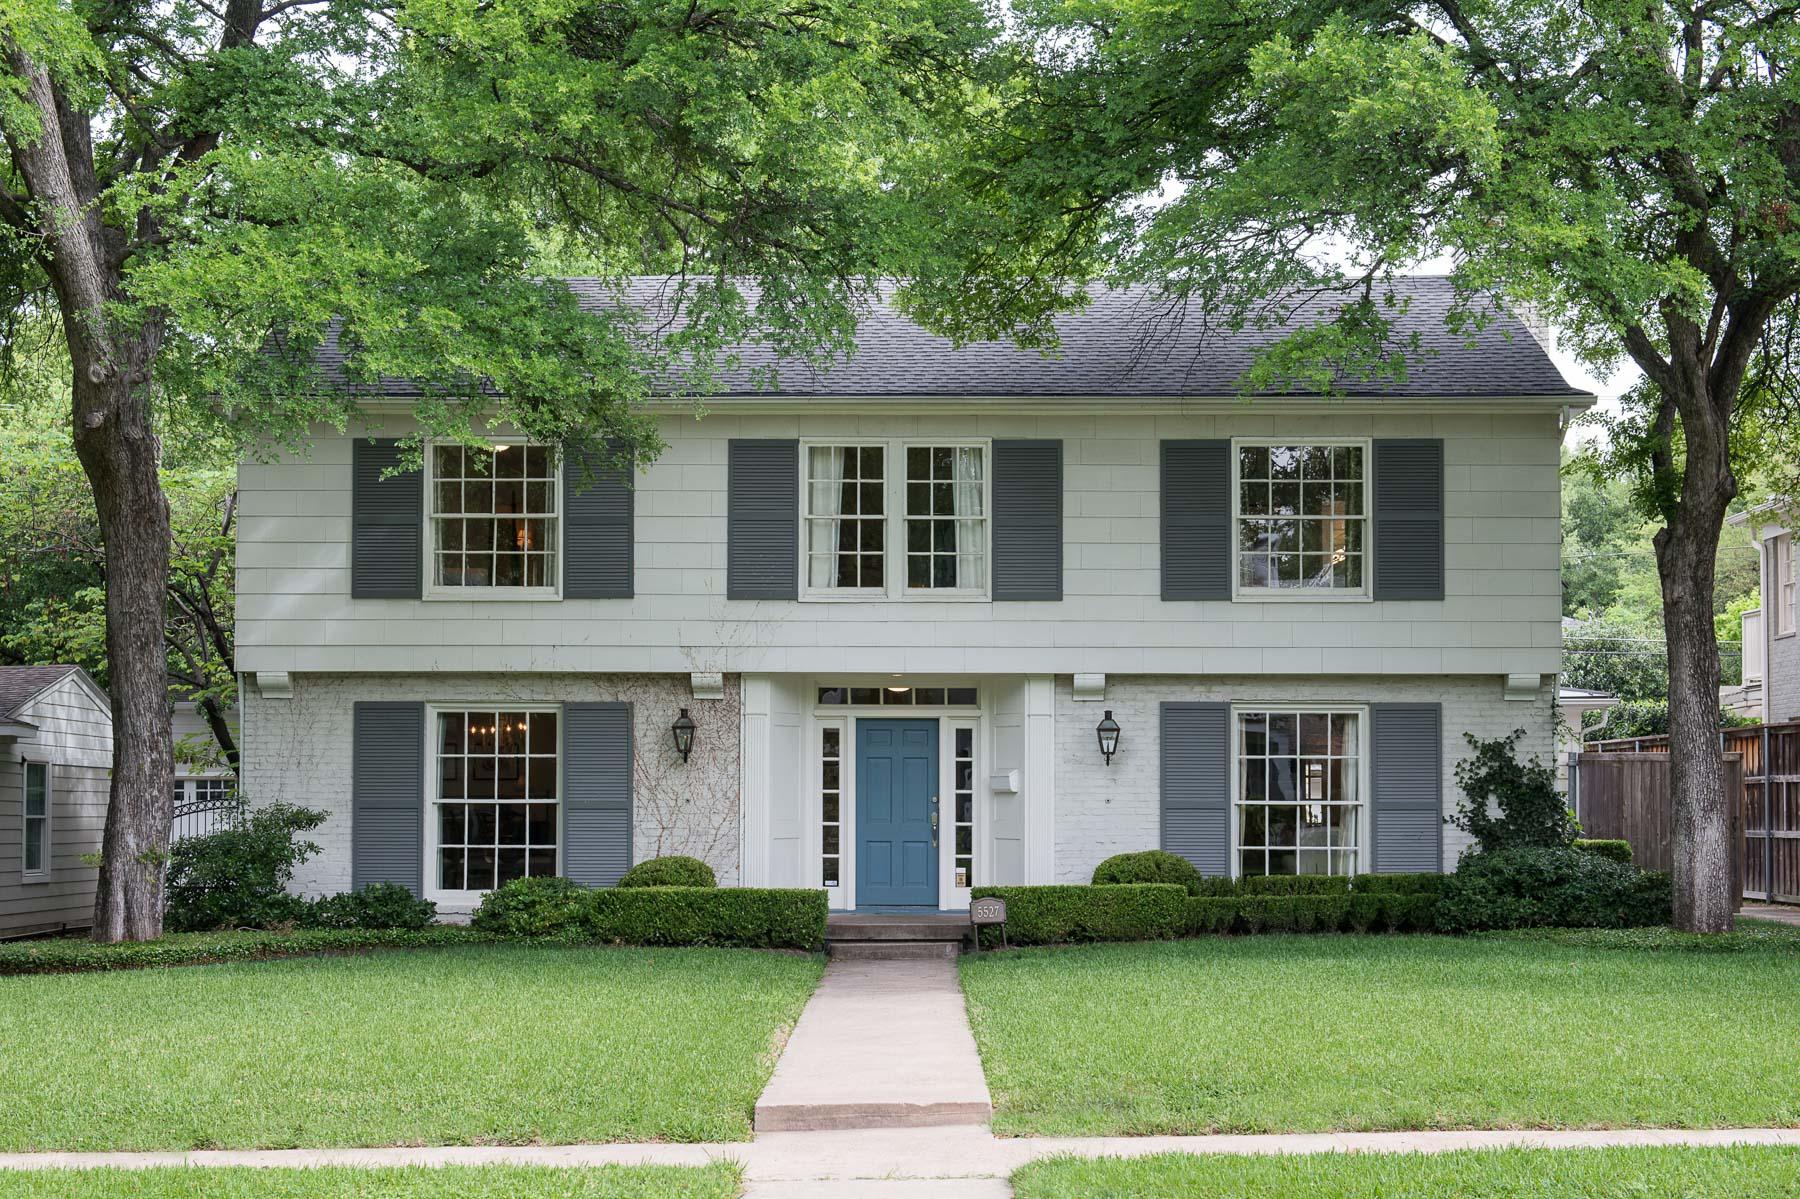 一戸建て のために 売買 アット Elegant Traditional Colonial 5527 Emerson Ave Dallas, テキサス, 75209 アメリカ合衆国